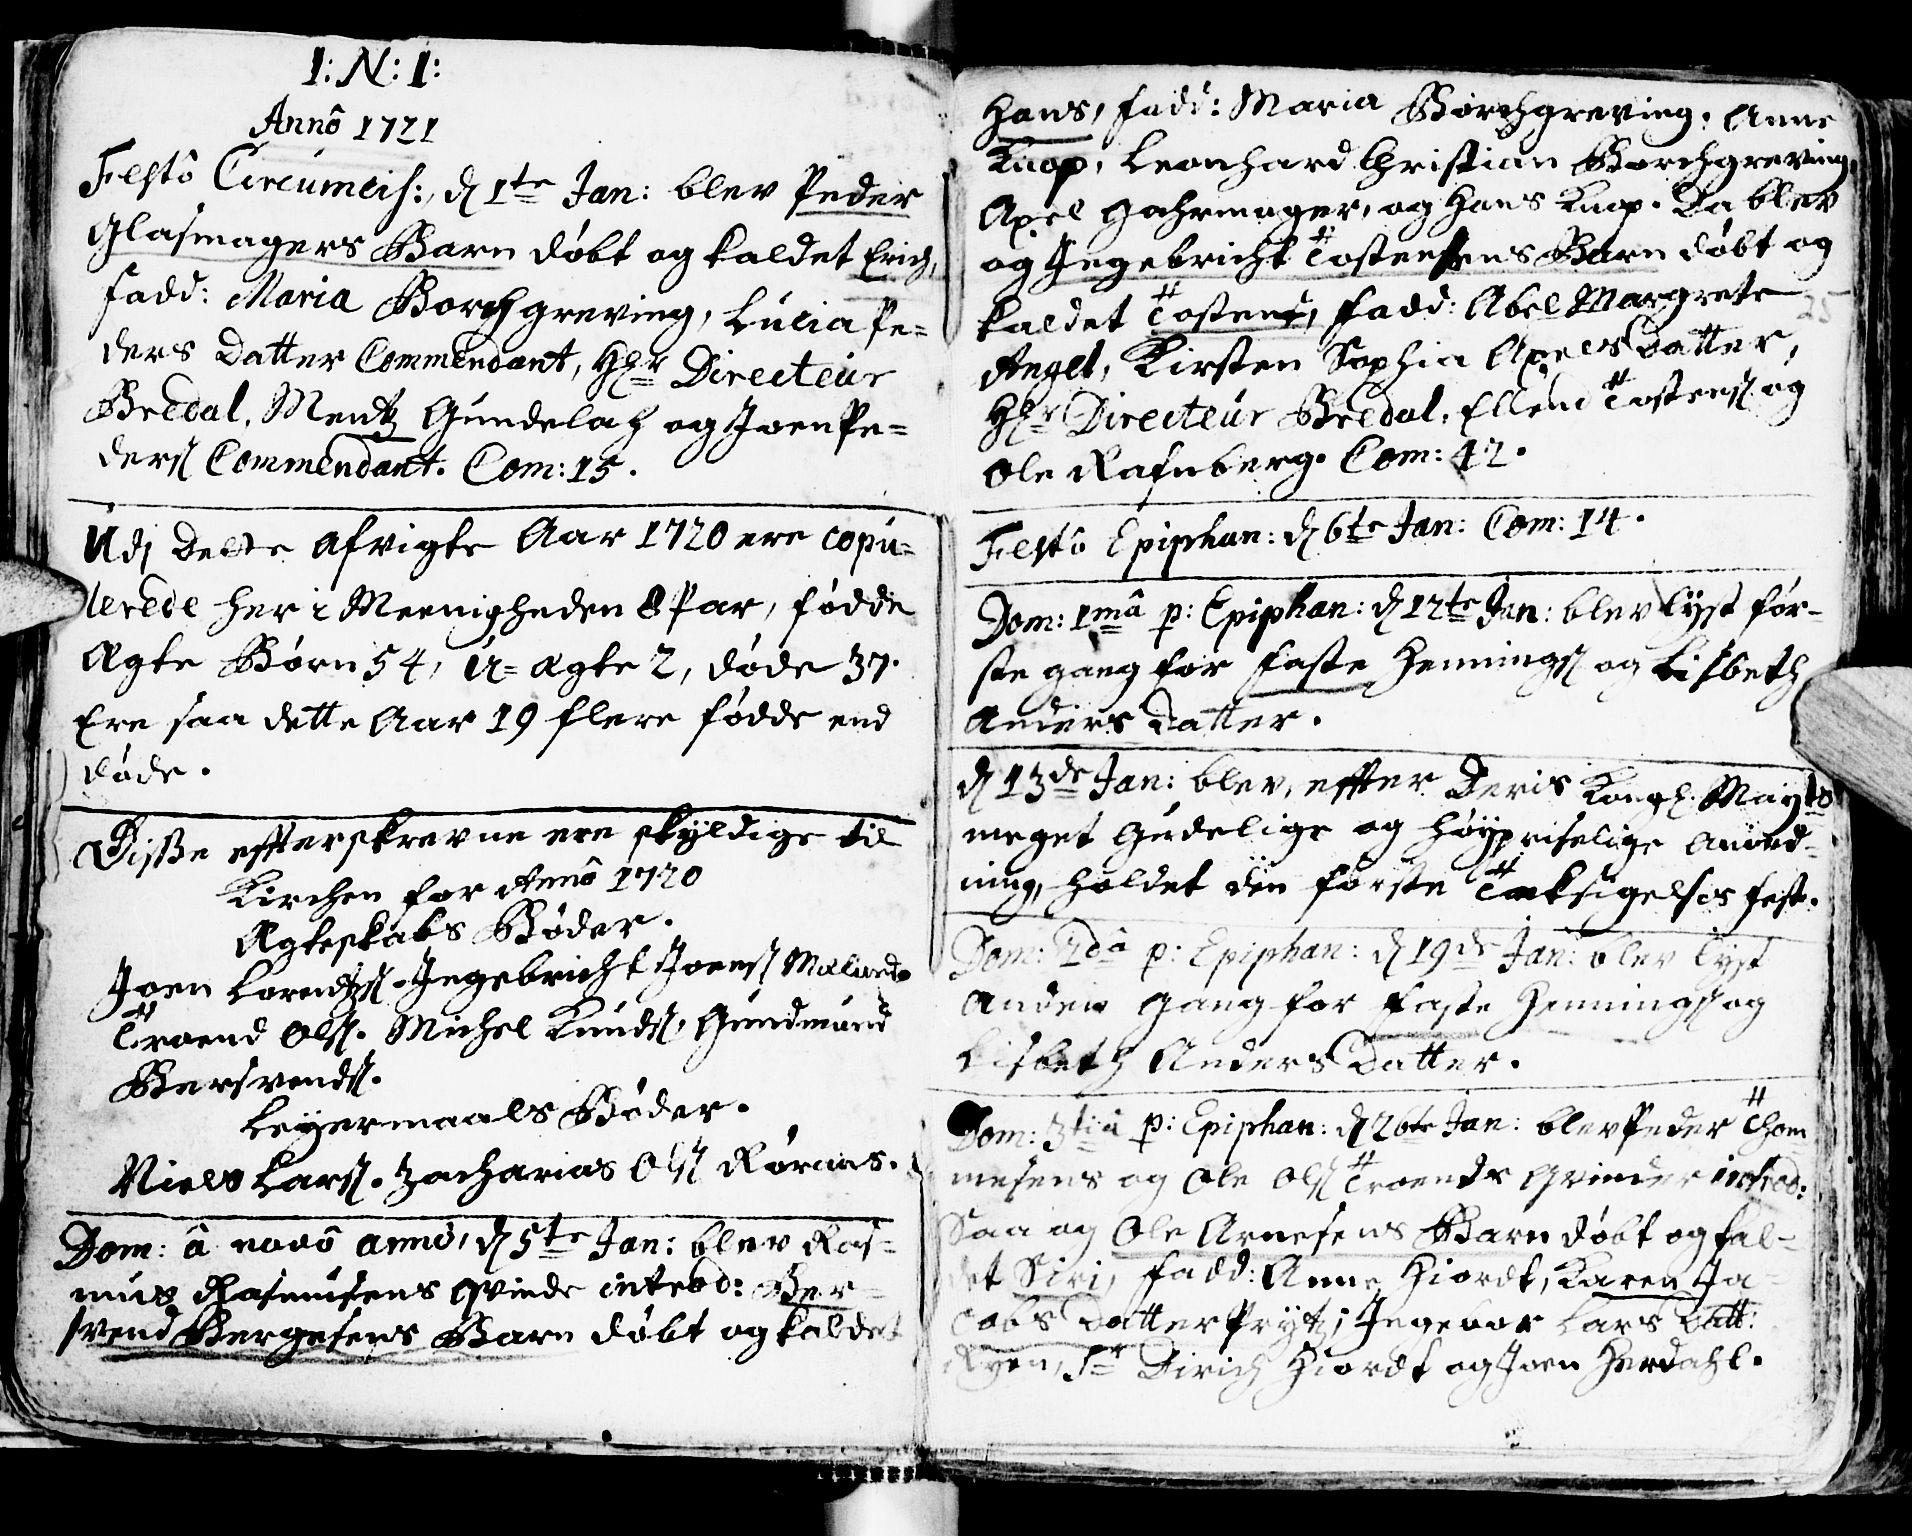 SAT, Ministerialprotokoller, klokkerbøker og fødselsregistre - Sør-Trøndelag, 681/L0924: Ministerialbok nr. 681A02, 1720-1731, s. 24-25